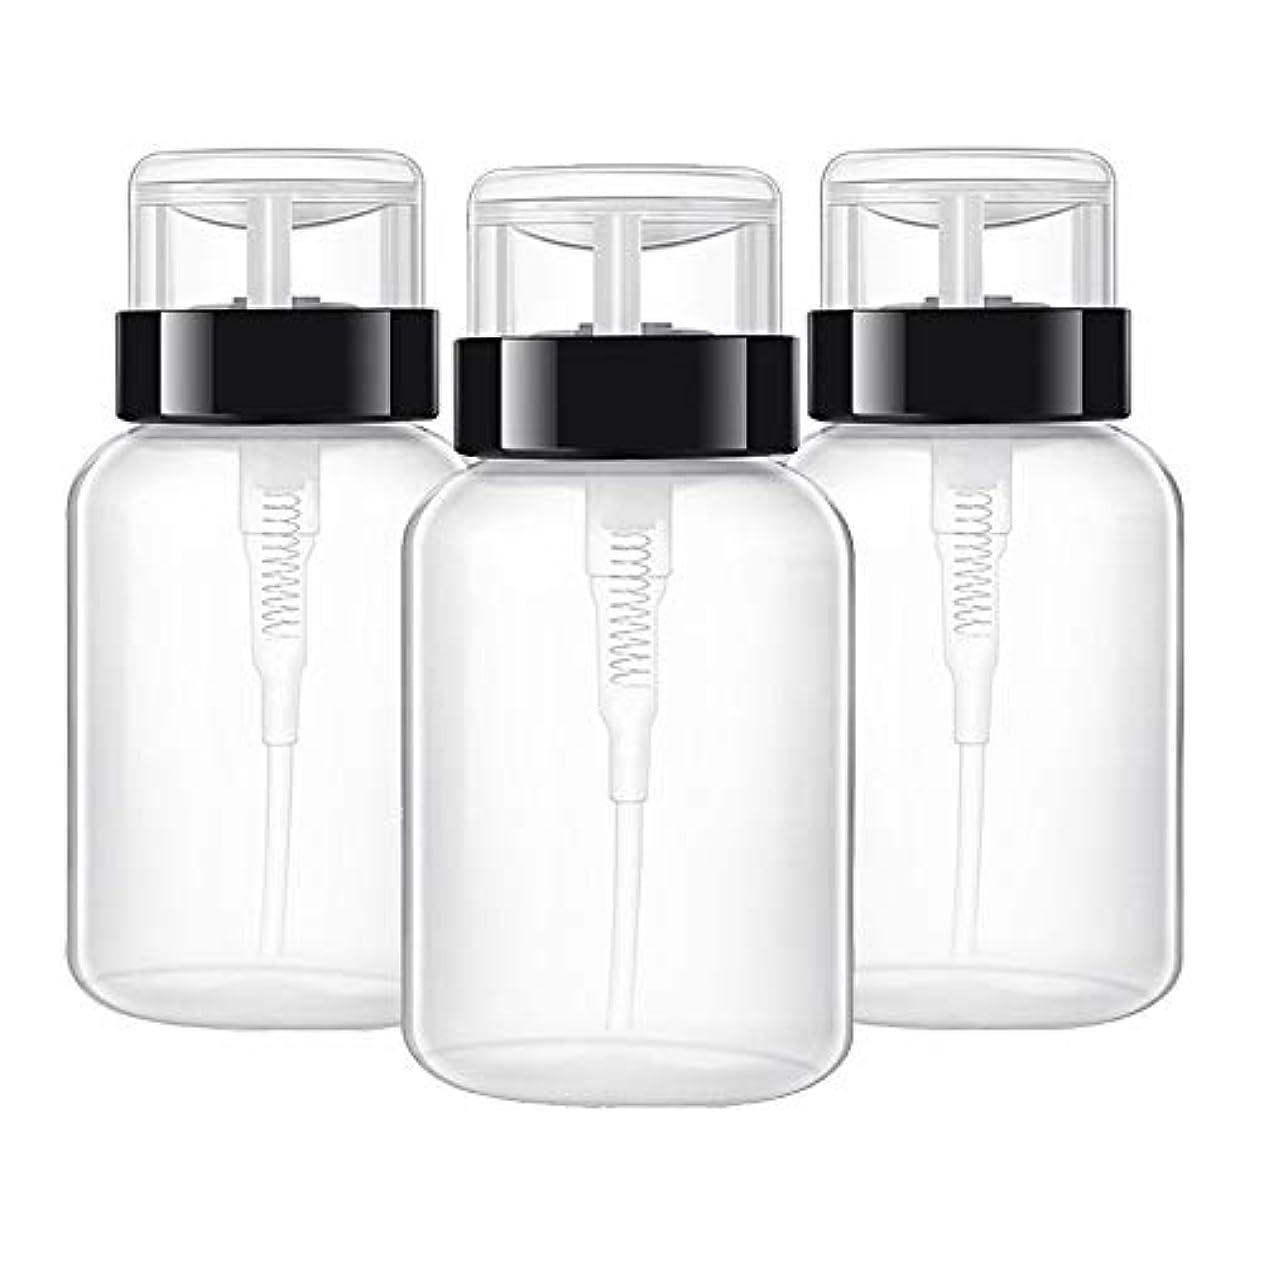 果てしない矛盾する発言するマニキュアツールツール 空ポンプ ボトル ネイルクリーナーボトル ポンプディスペンサー ジェルクリーナー 200ミリリットル 3ピース